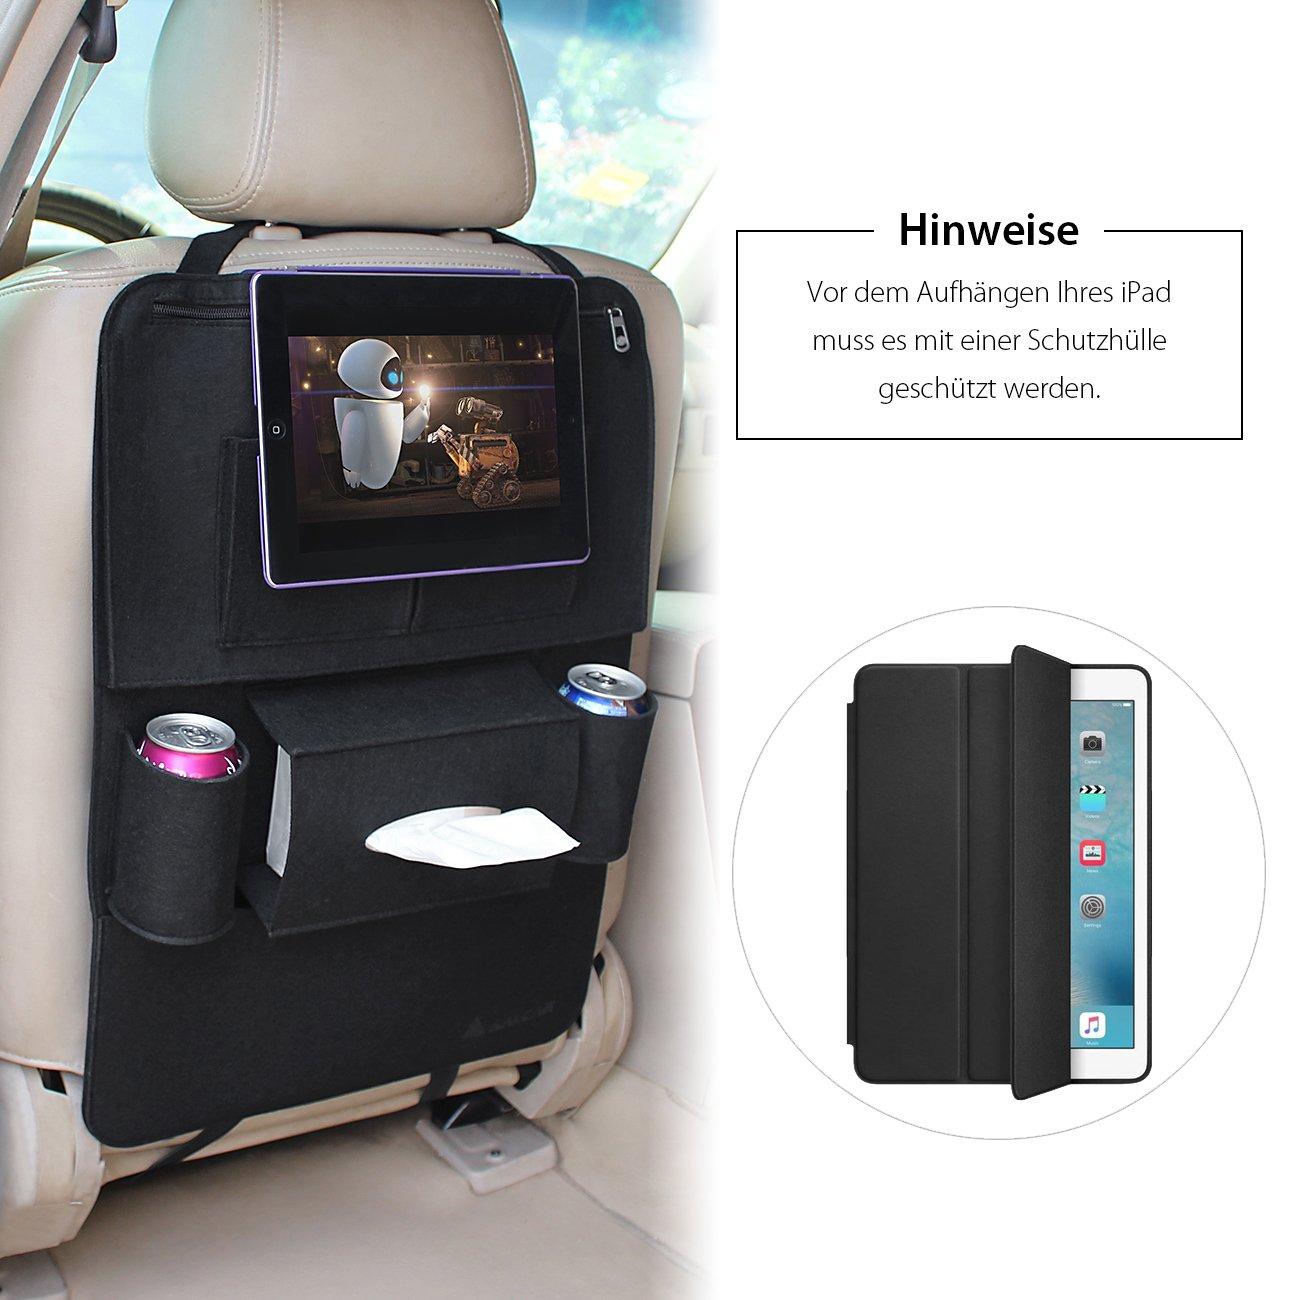 Deposito borse in feltro a forma di seggiolini per auto che consentono lo stoccaggio di scatole e per mantenere iPads Grigio Scatole di stoccaggio per mantenere iPhone e bevande Salcar